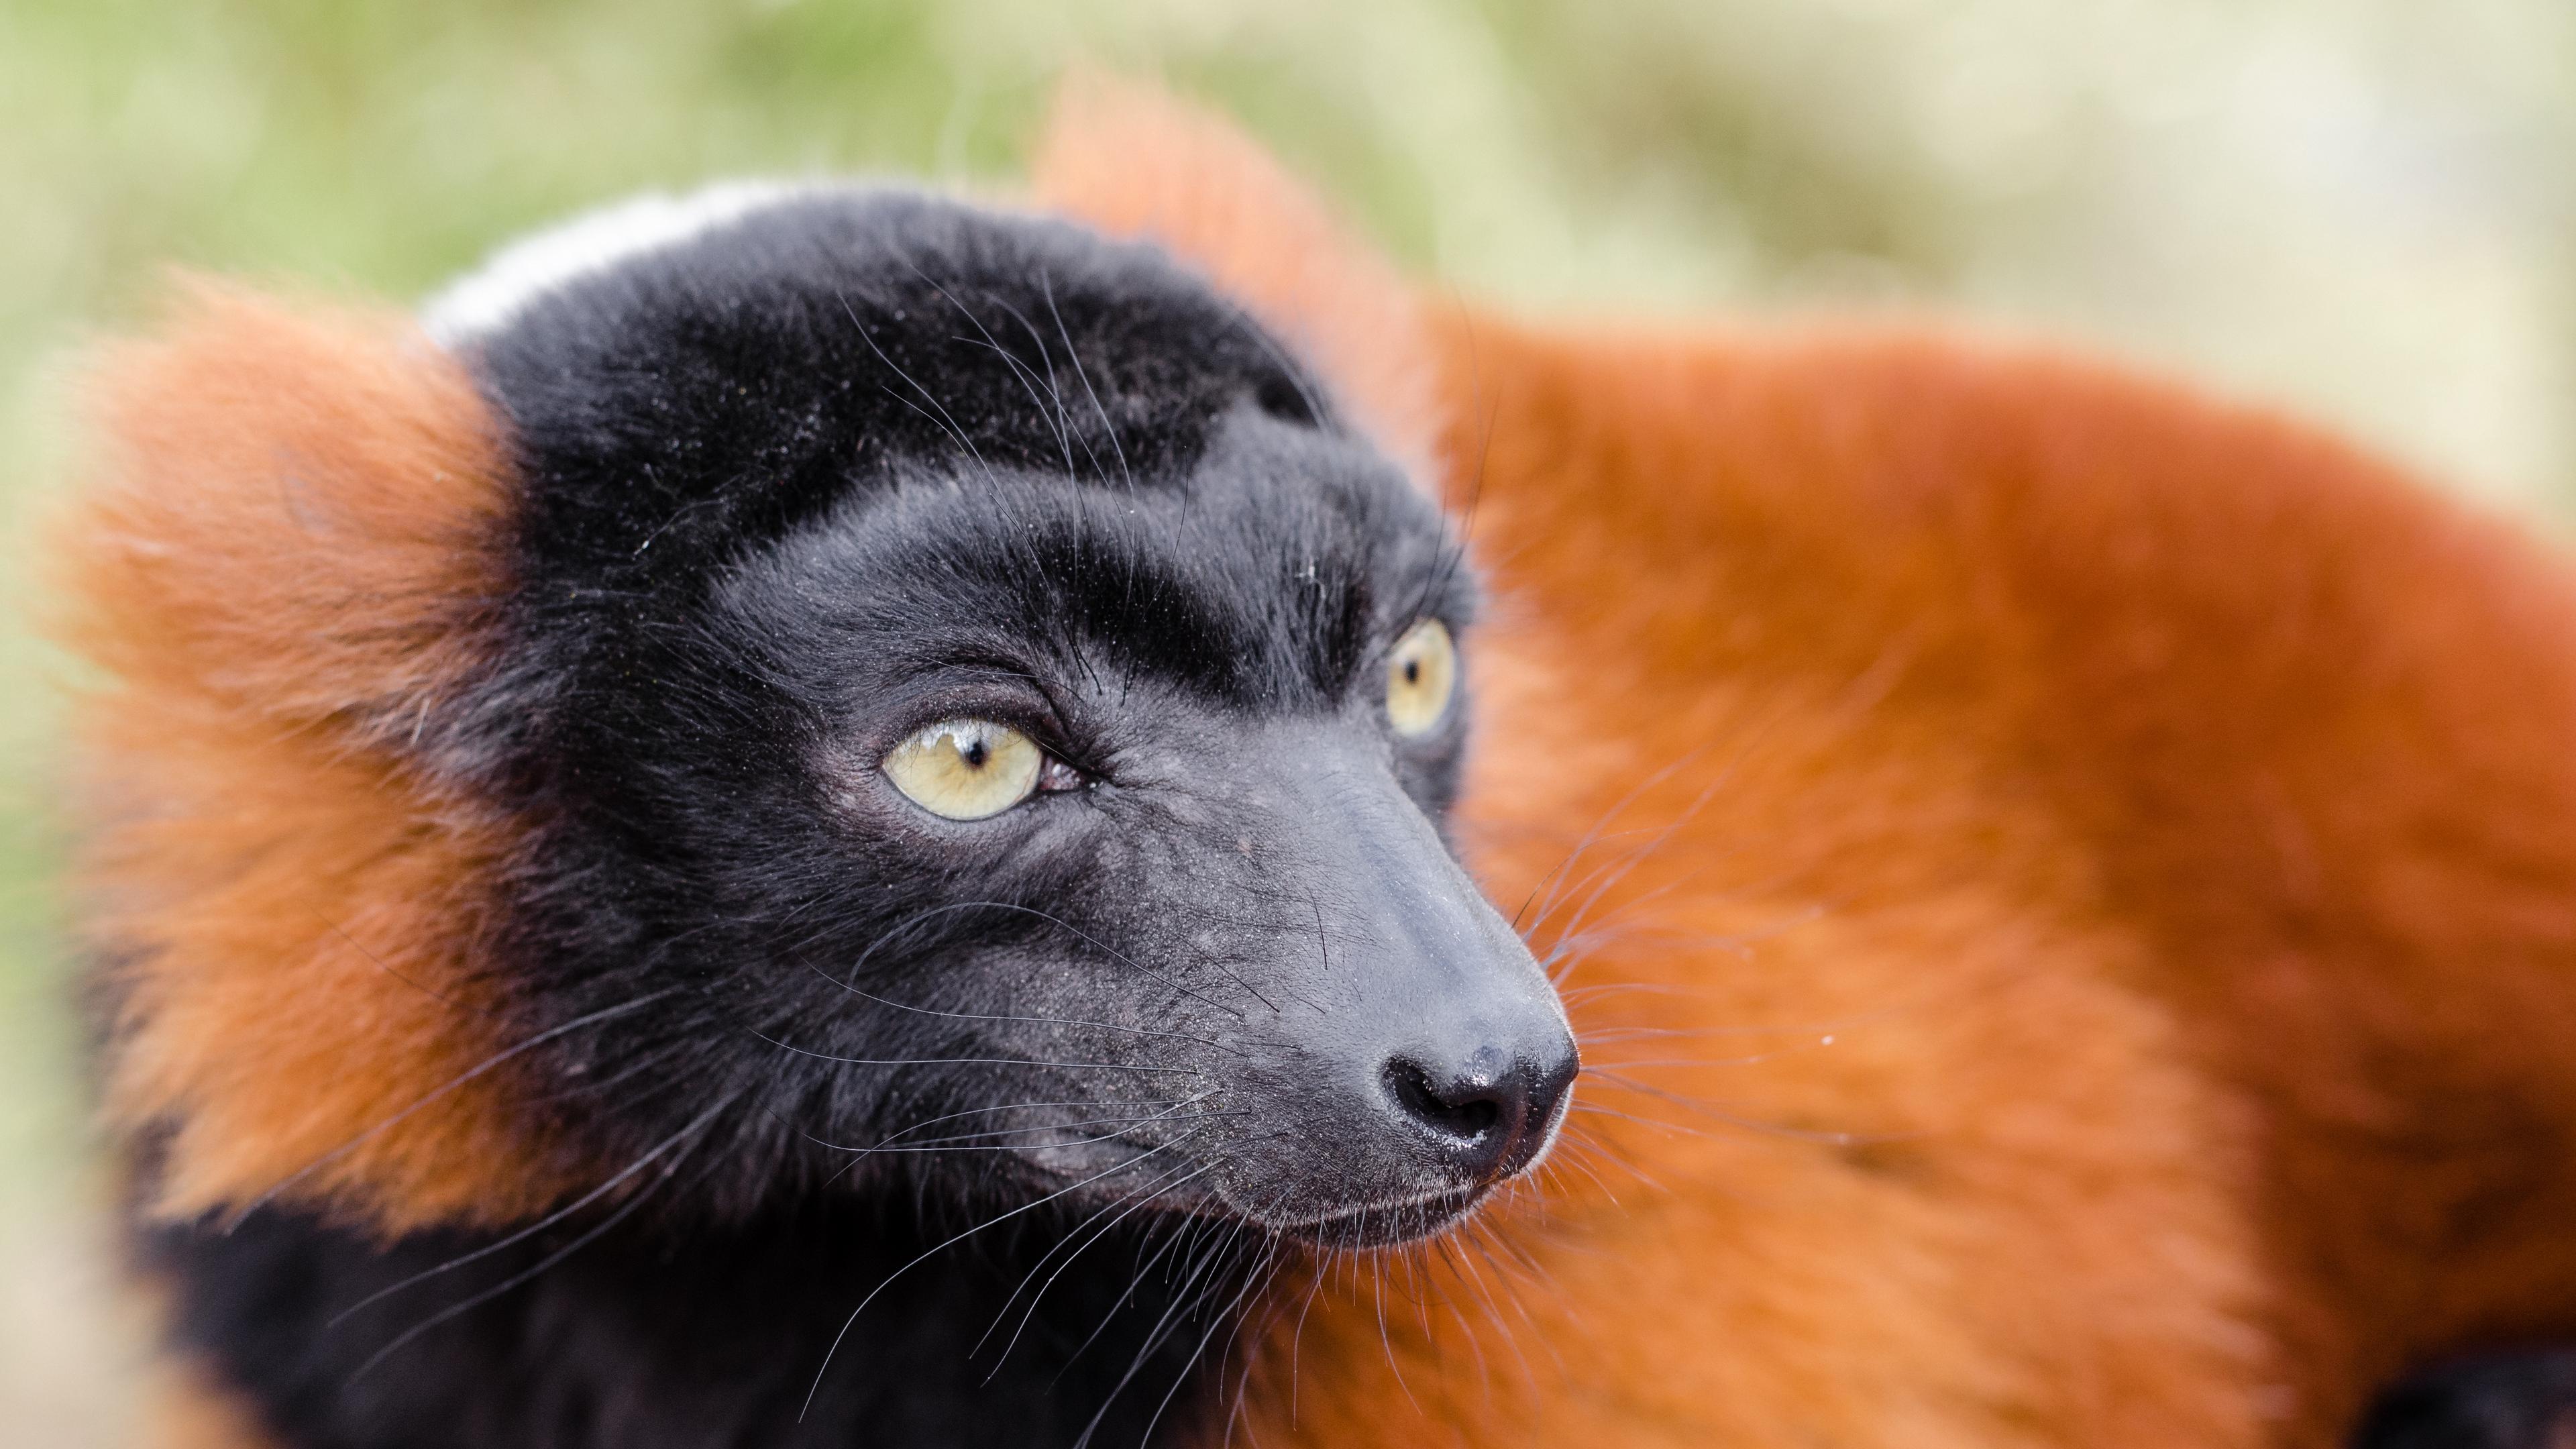 ruffed lemur lemur muzzle nose 4k 1542242610 - ruffed lemur, lemur, muzzle, nose 4k - ruffed lemur, muzzle, lemur